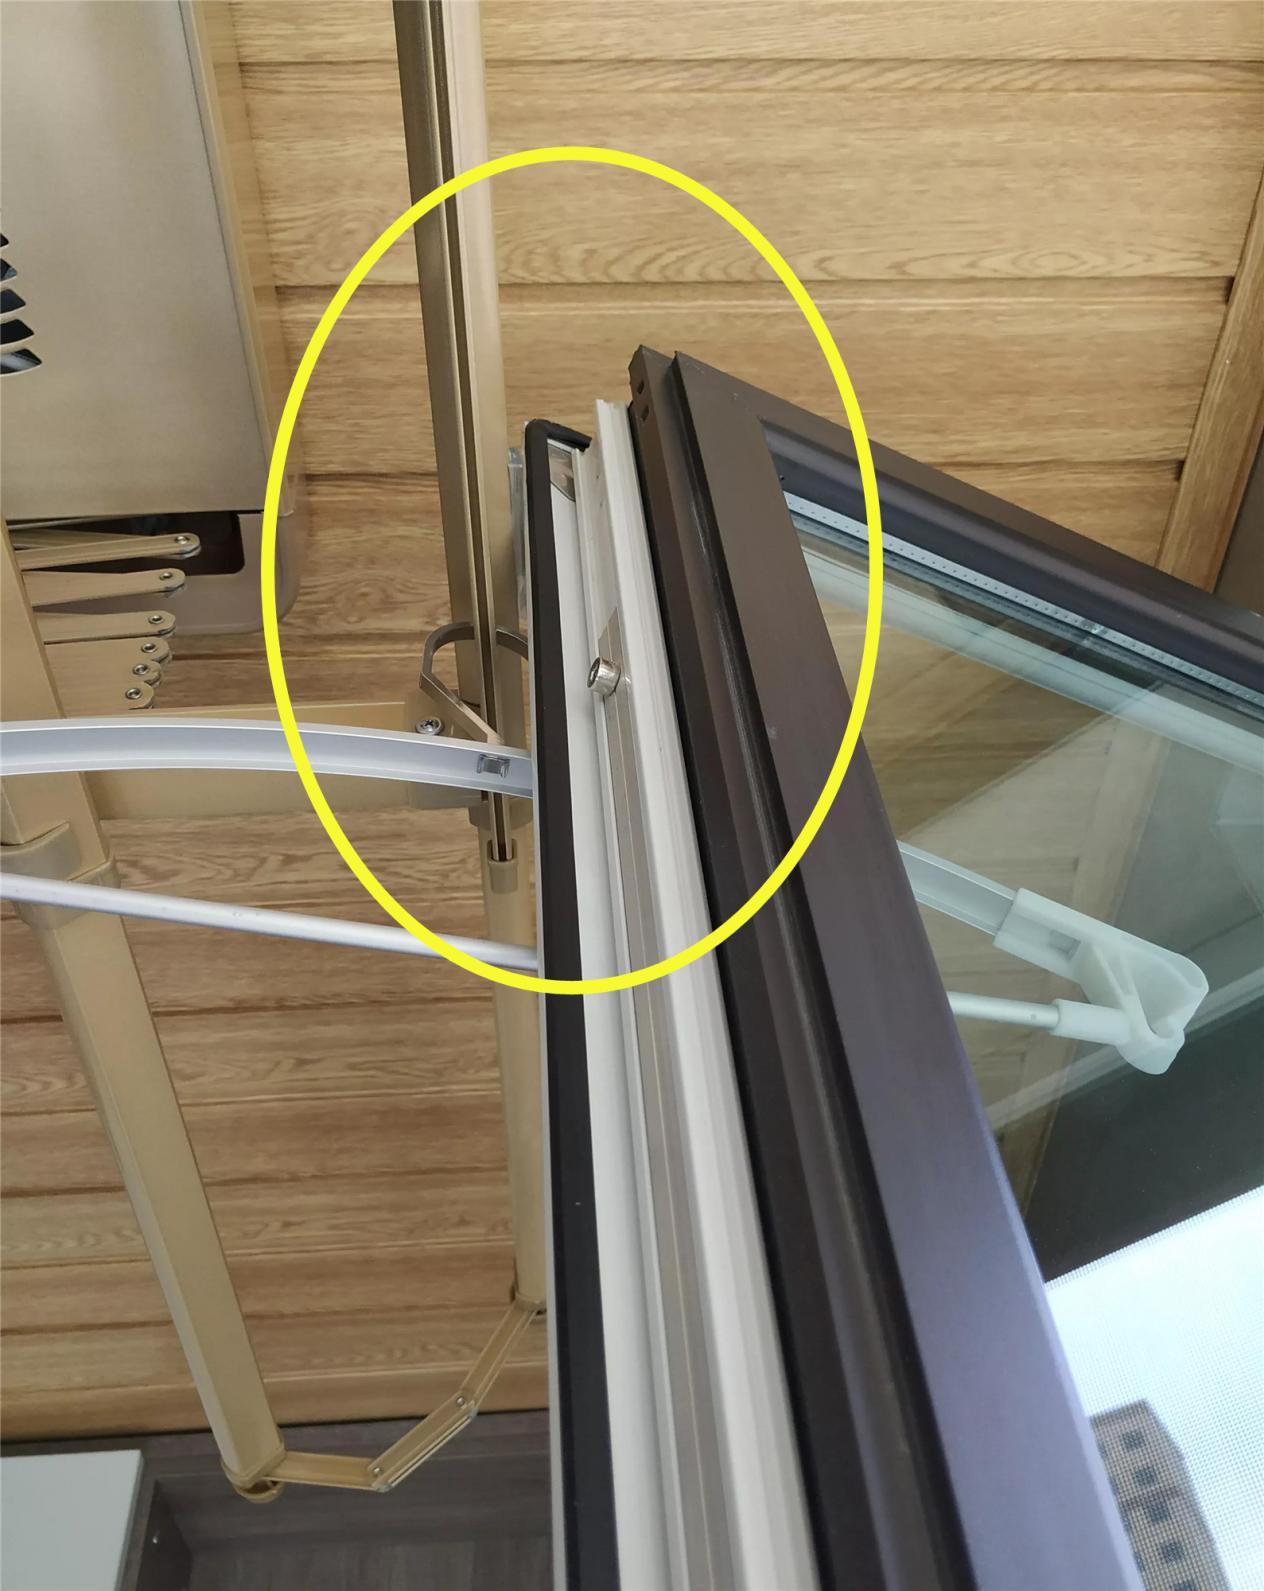 阳台装电动晾衣架,这位置选的真尴尬,窗子打不开,衣服靠闷干